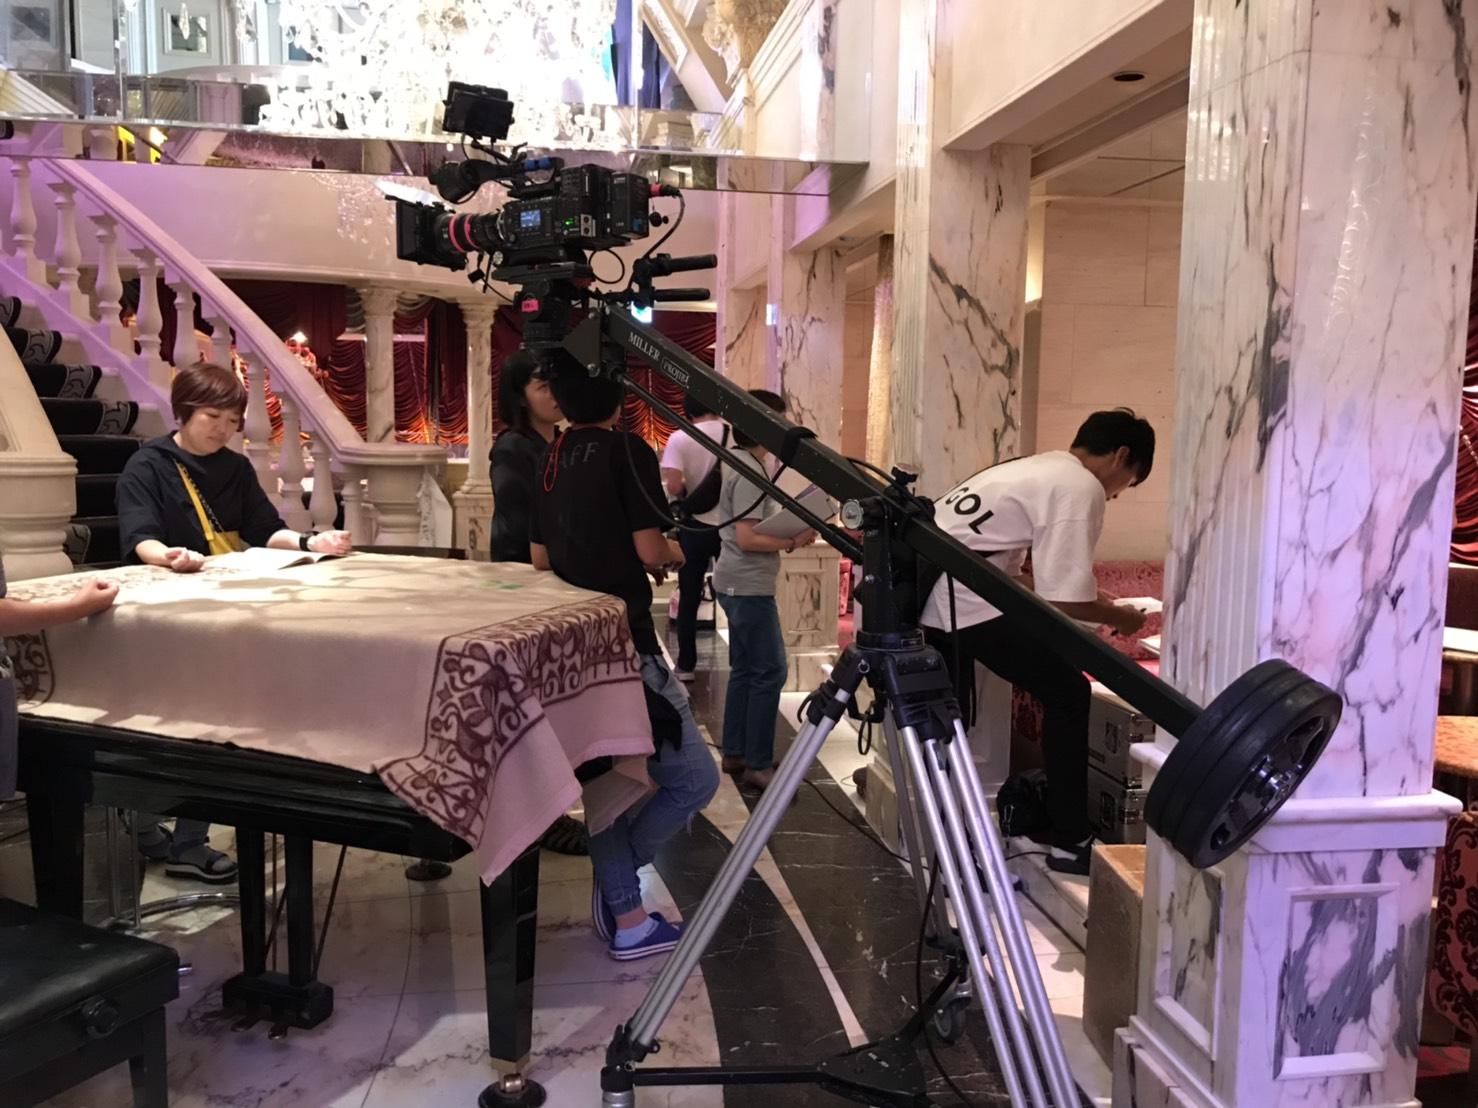 高畑充希さん主演ドラマ「同期のサクラ」第2話に「Le Club de Tokyo」が登場します!